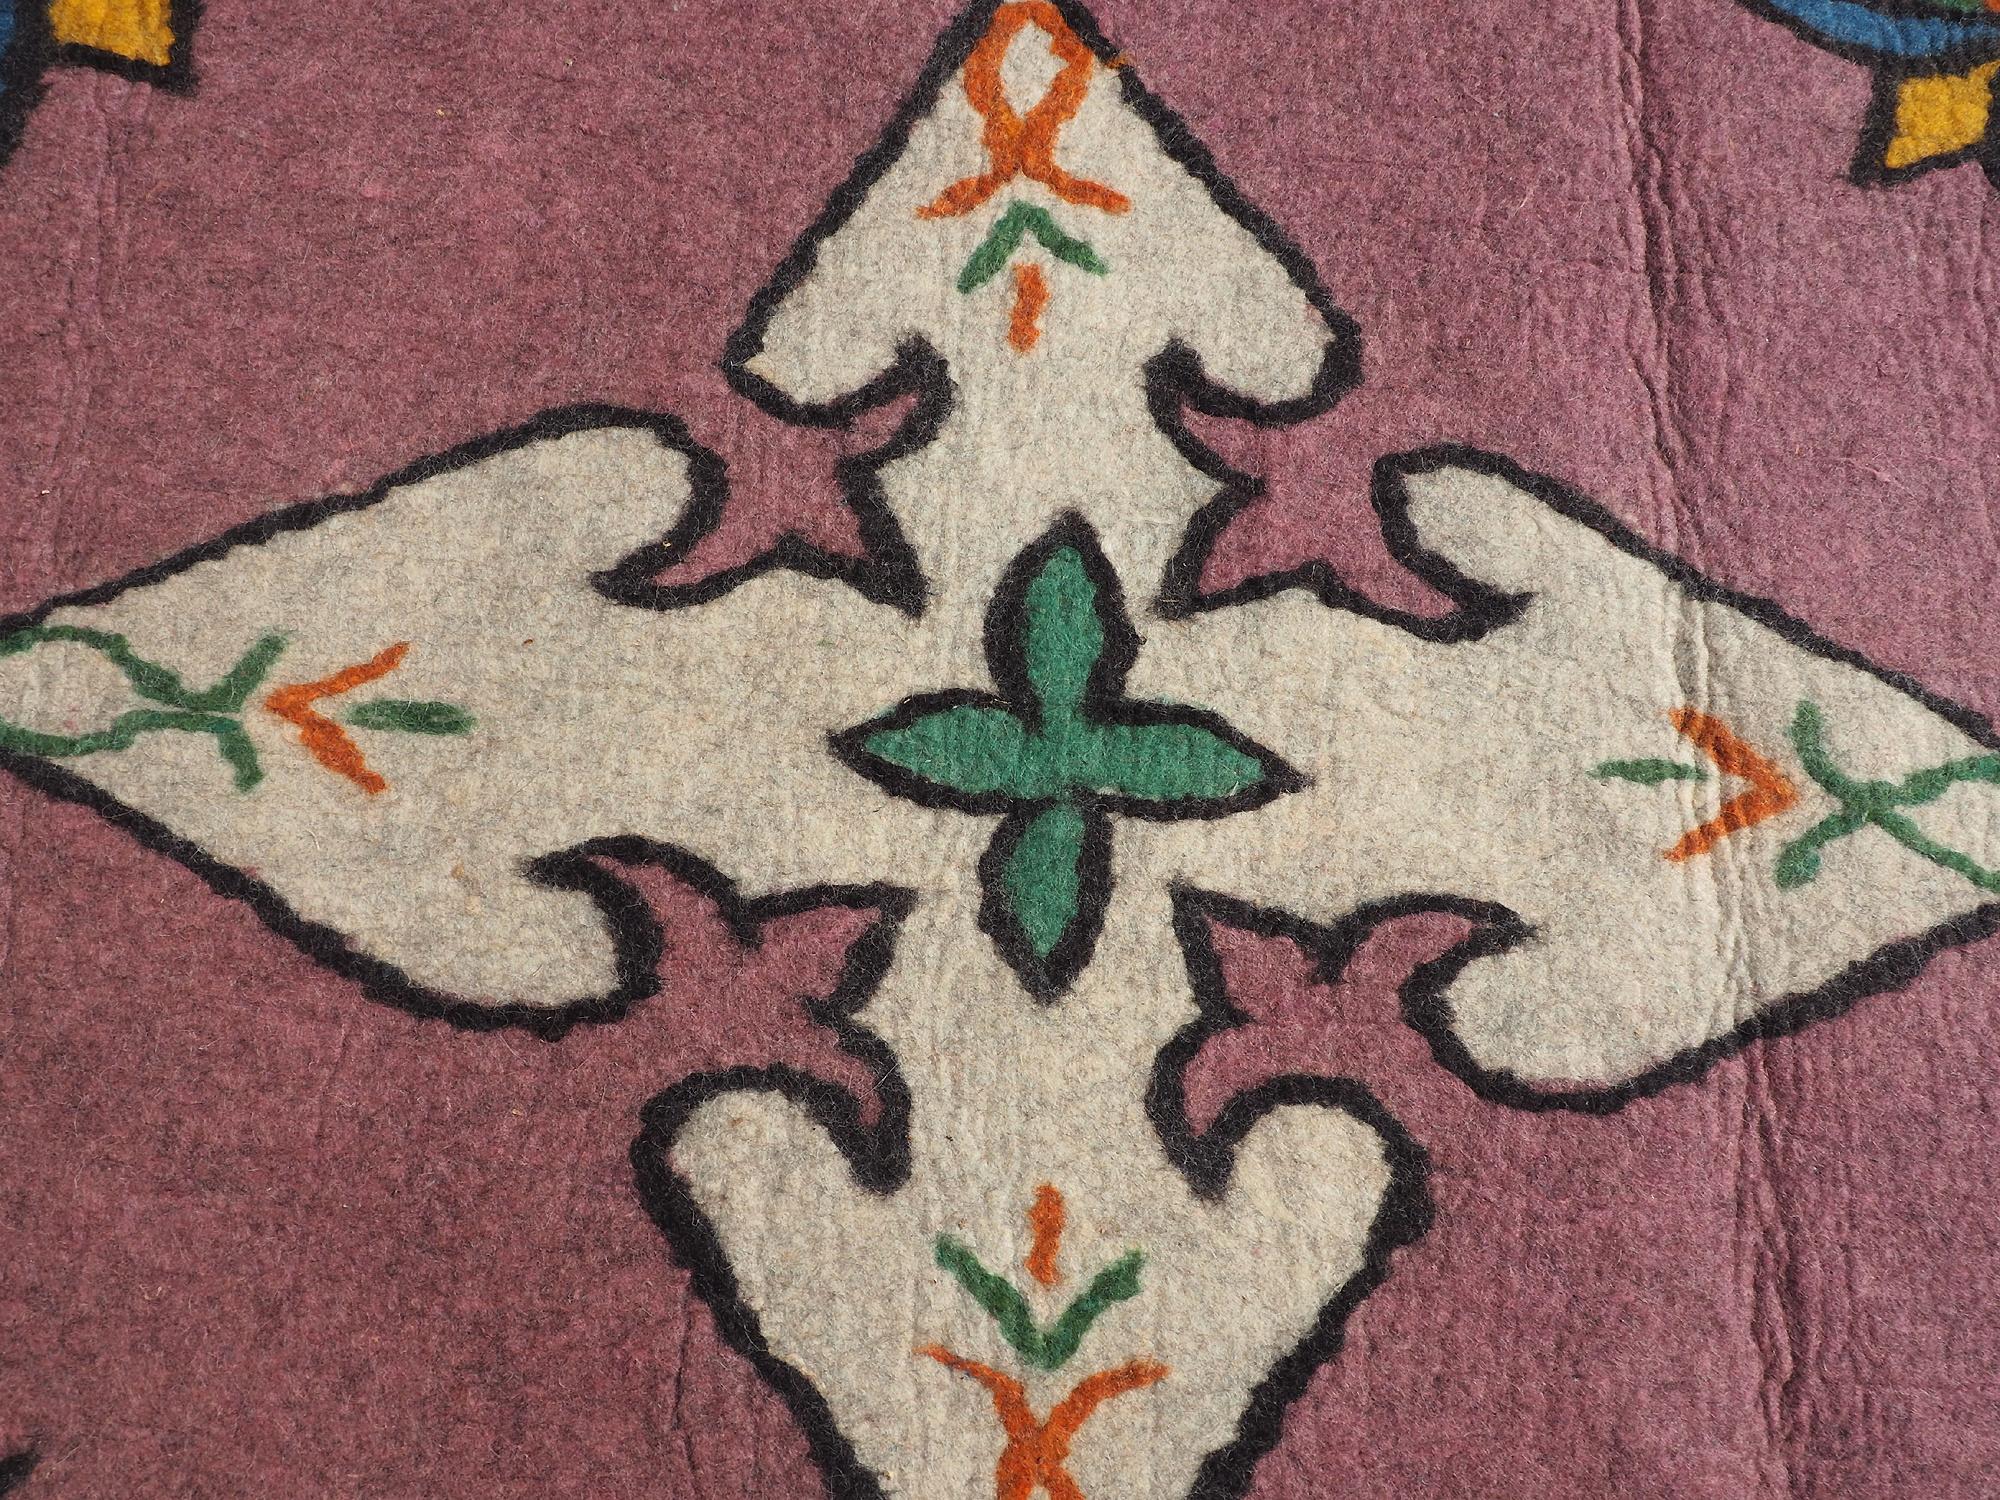 295x213 cm  tribal Nomadic Turkmen nomads Vintage felt rug rug from Afghanistan feltrug carpet shyrdak No-703